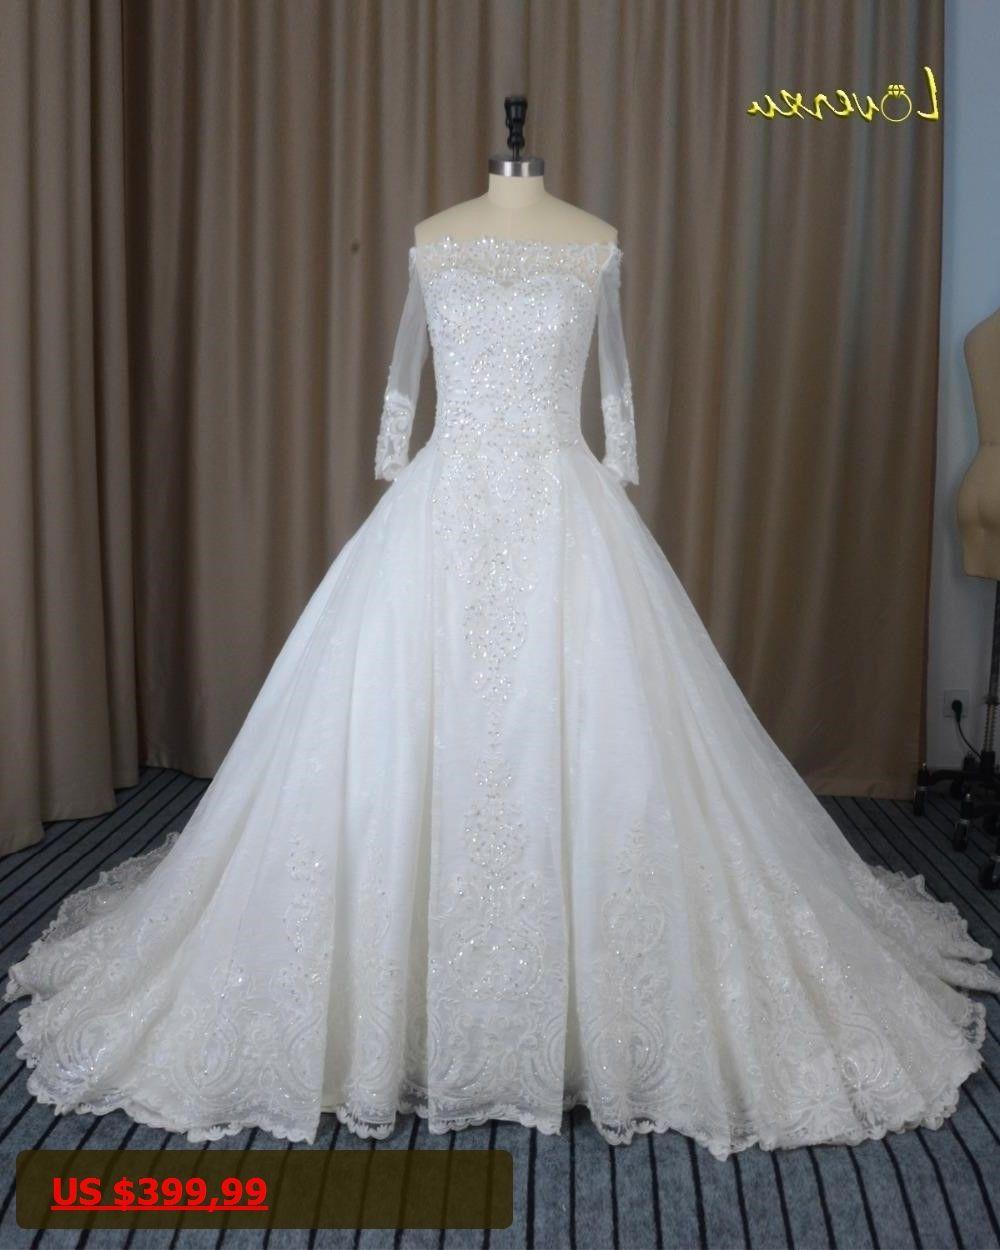 Wedding dress with long train  Loverxu Vestido De Noiva Boat Neck Long Sleeve Lace Wedding Dresses